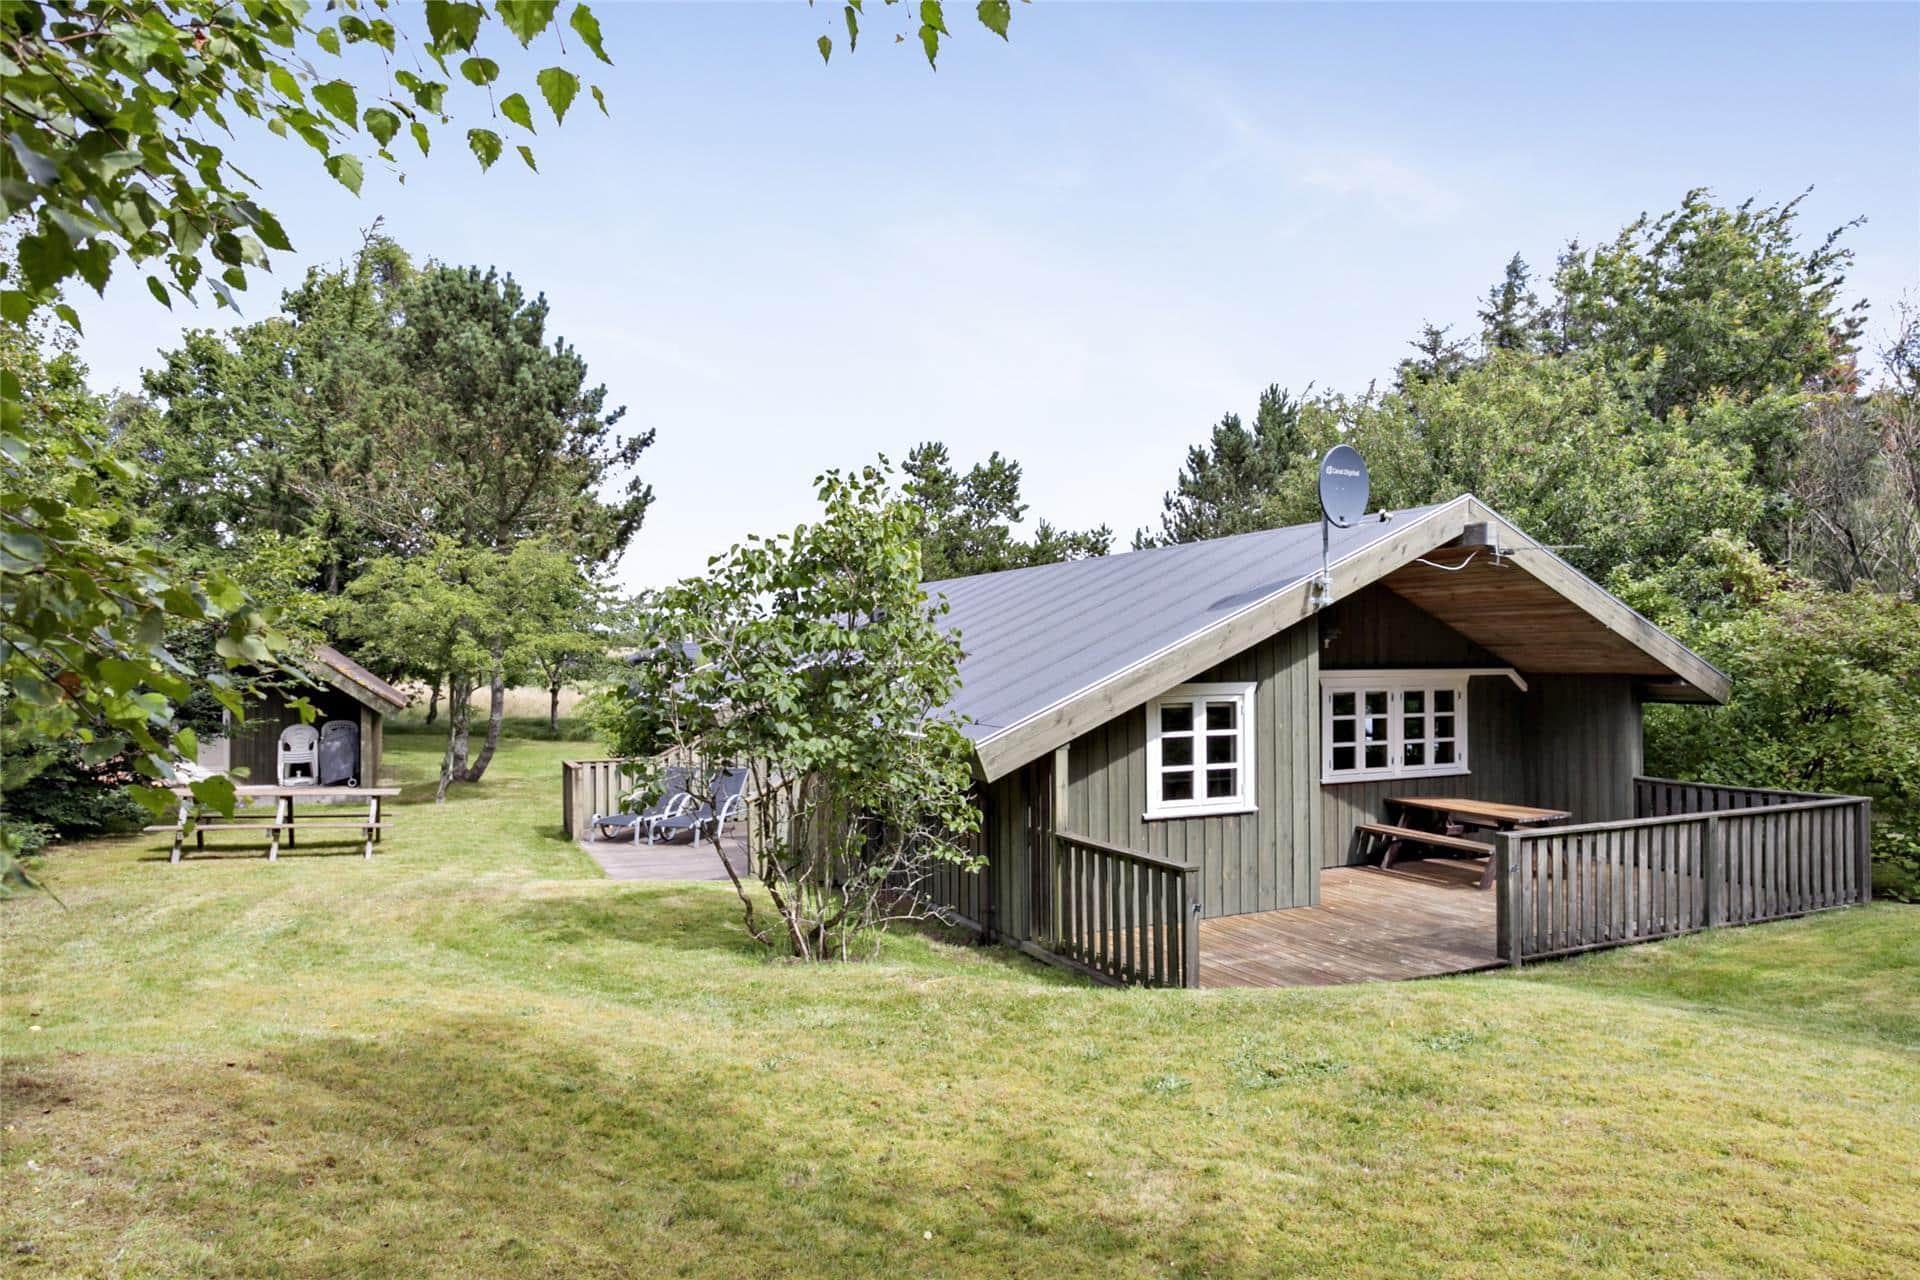 Billede 1-148 Sommerhus TV1312, Østervej 49, DK - 9881 Bindslev